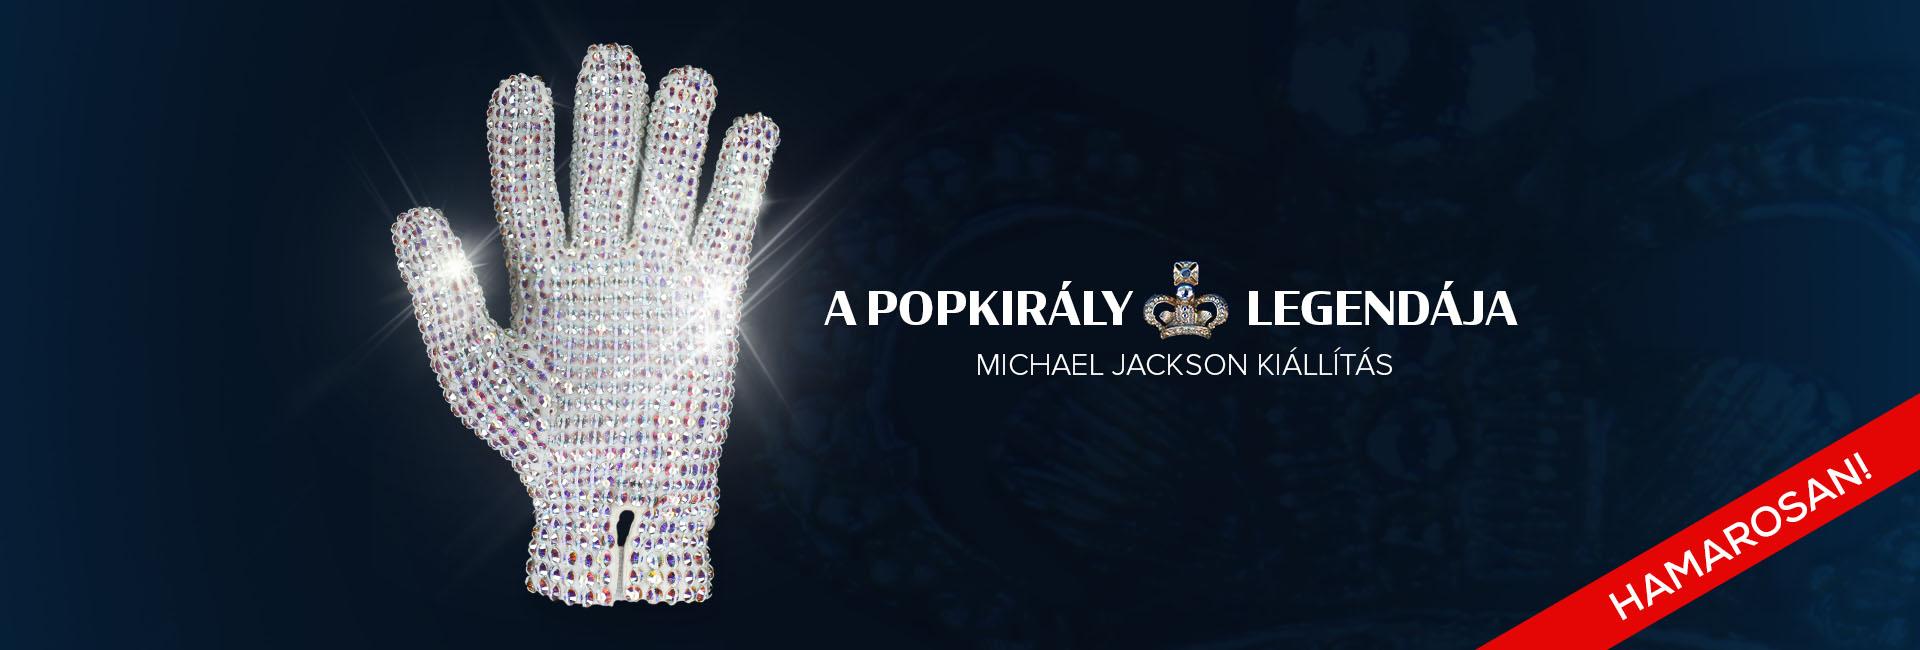 A Popkirály Legendája - Michael Jackson Kiállítás Budapesten